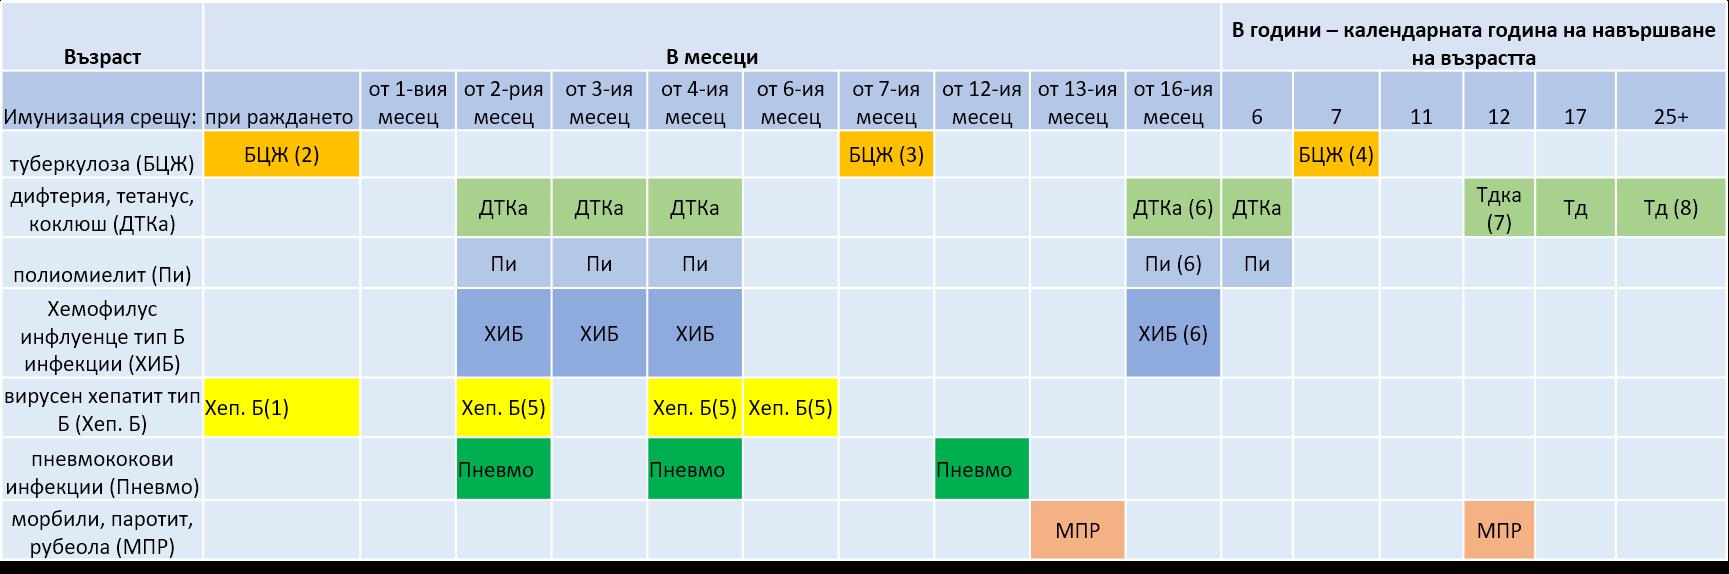 имунизационен календар 2020